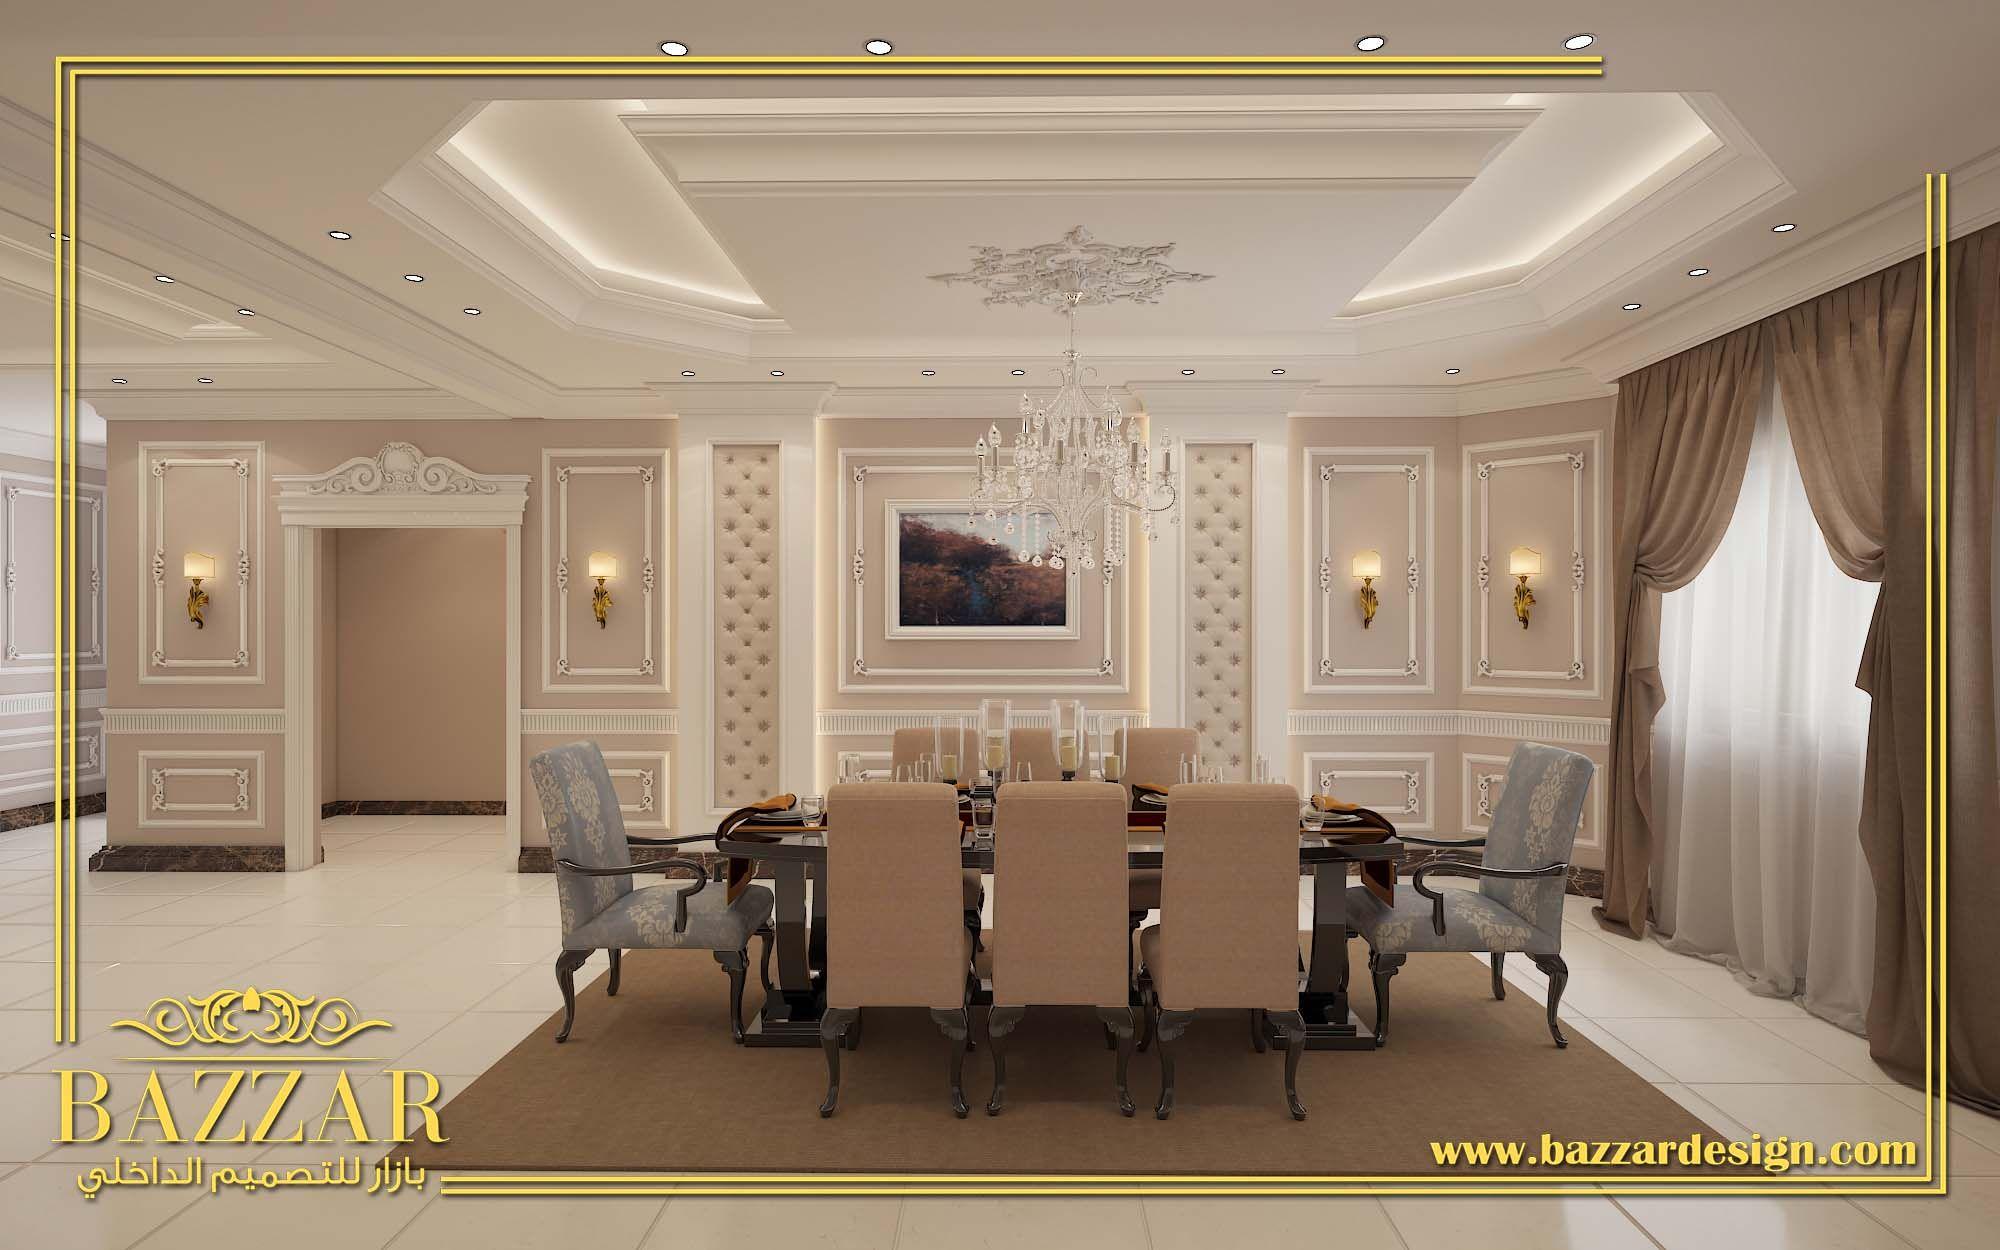 غرفة طعام نيو كلاسيك تم طلاء الجدران باللون الابيض لمزيد من النقاء والاتساع كما تم كسوة الكراسى بالقماش البيج الانيق كما تم اس Interior Design Decor Home Decor